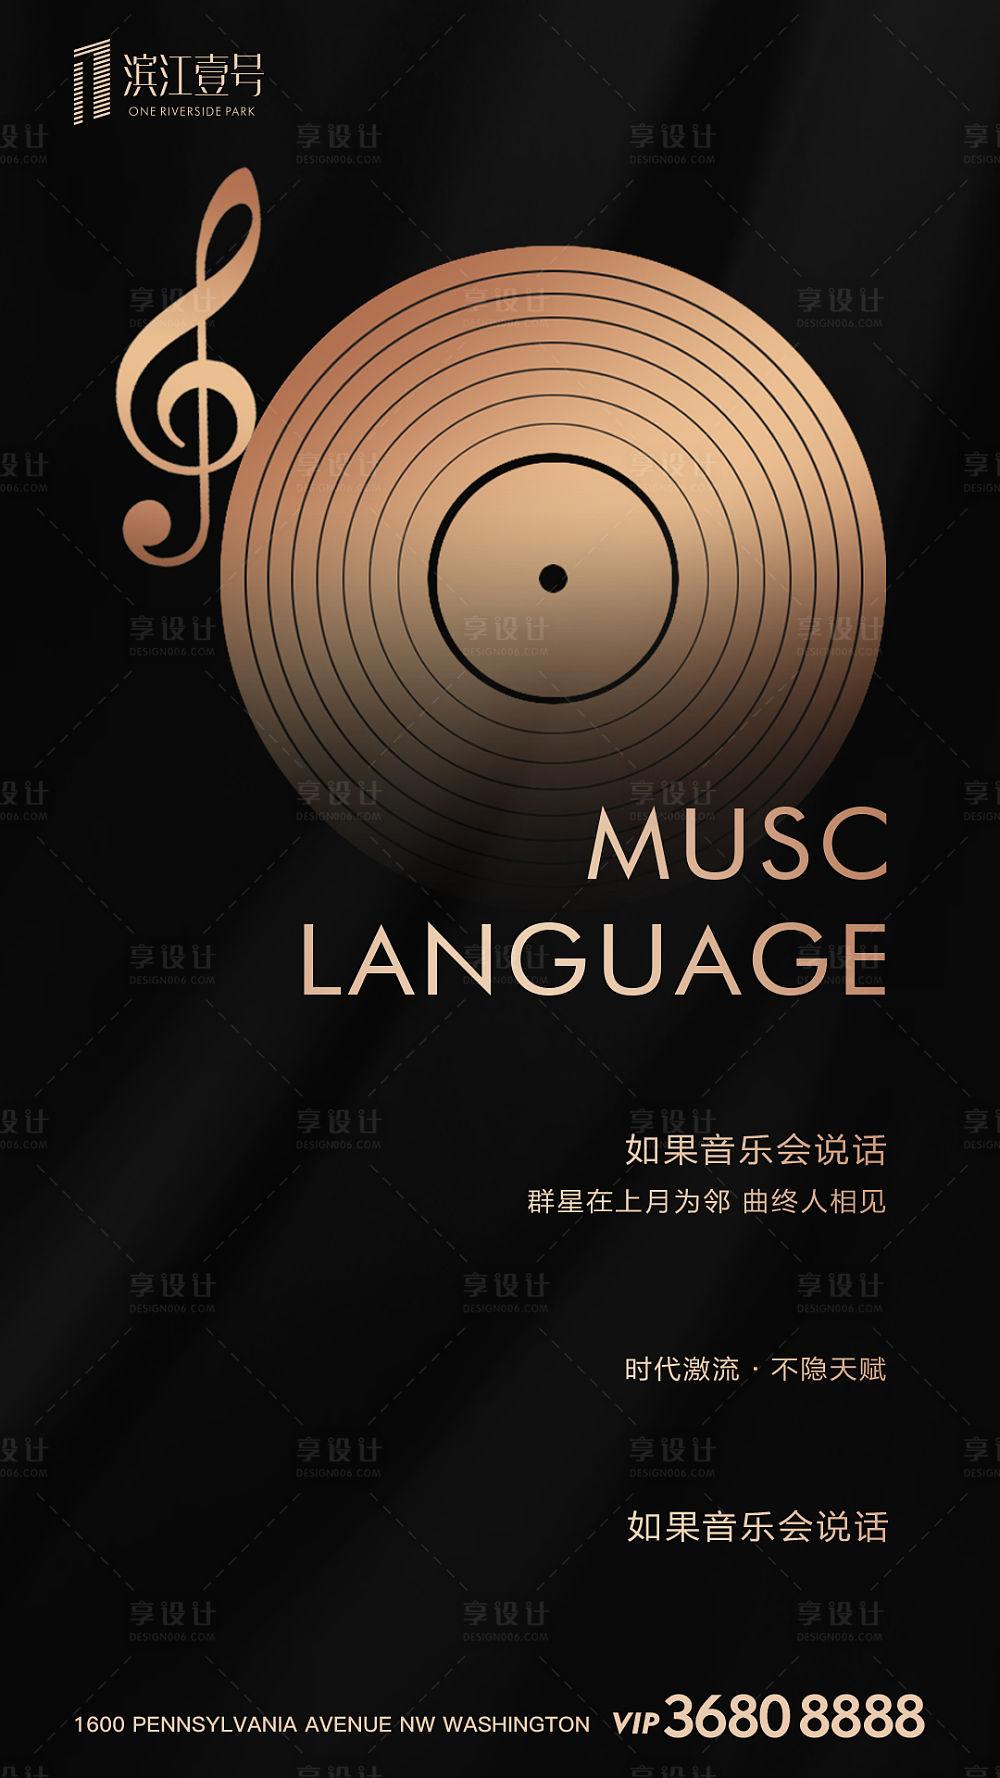 【源文件下载】 海报 房地产 音乐会 大气 黑金 音符 唱片设计作品 设计图集